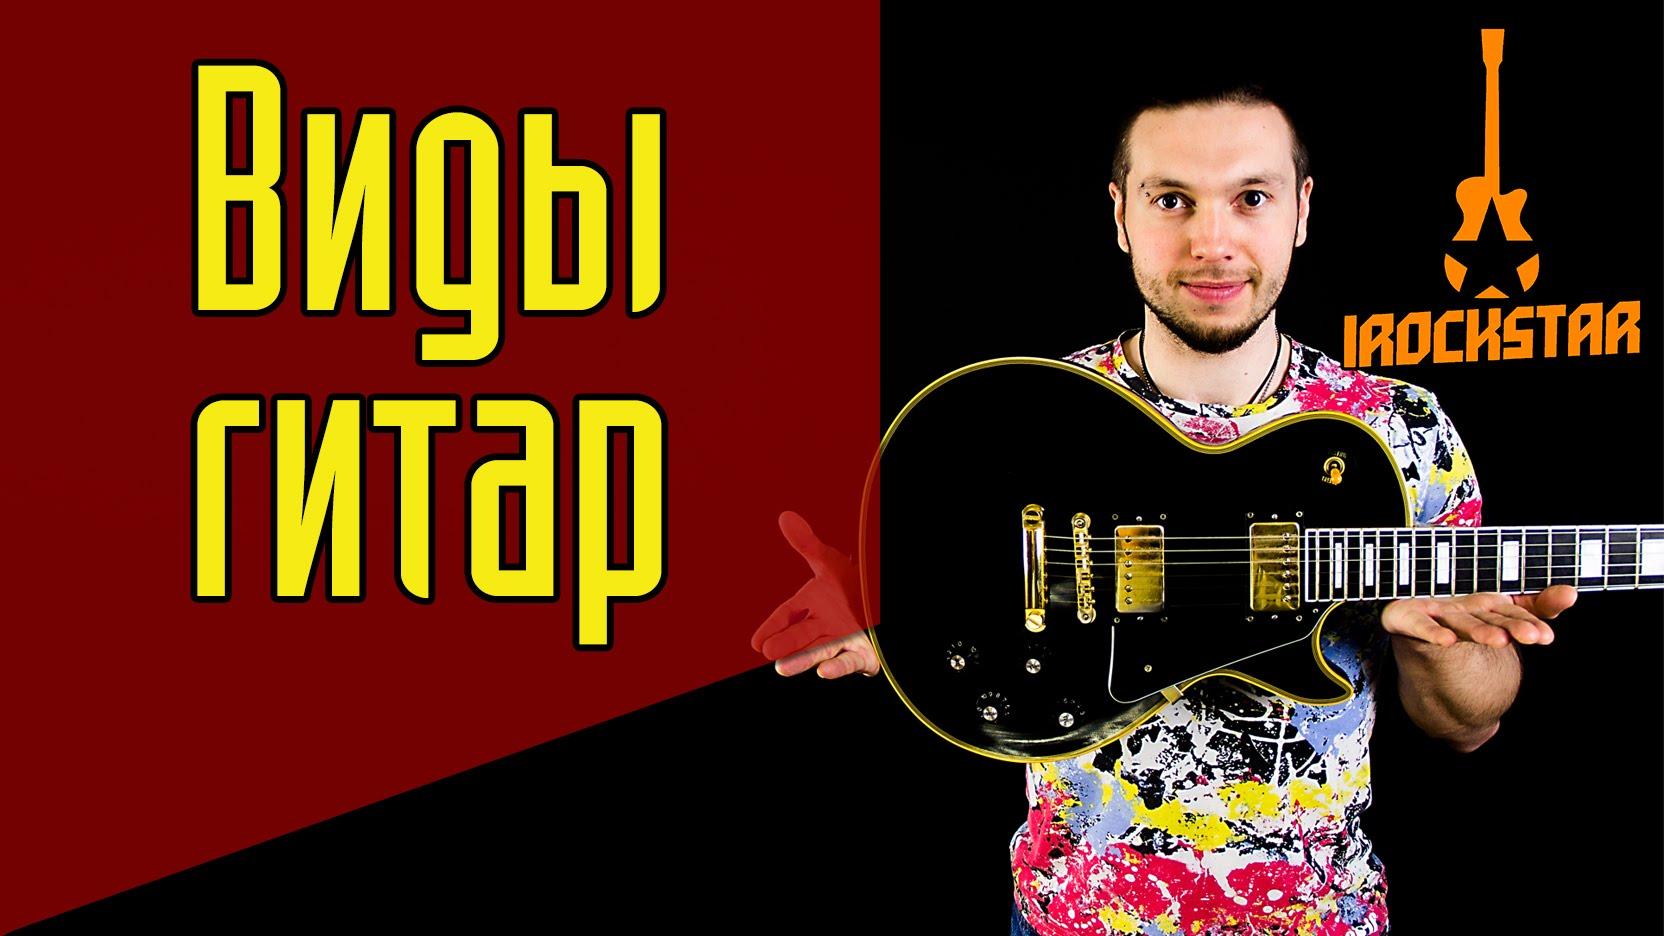 Как выбрать гитару для начинающих Какую гитару лучше выбрать новичку(Часть 1). ГитараОтАдоЯ 10